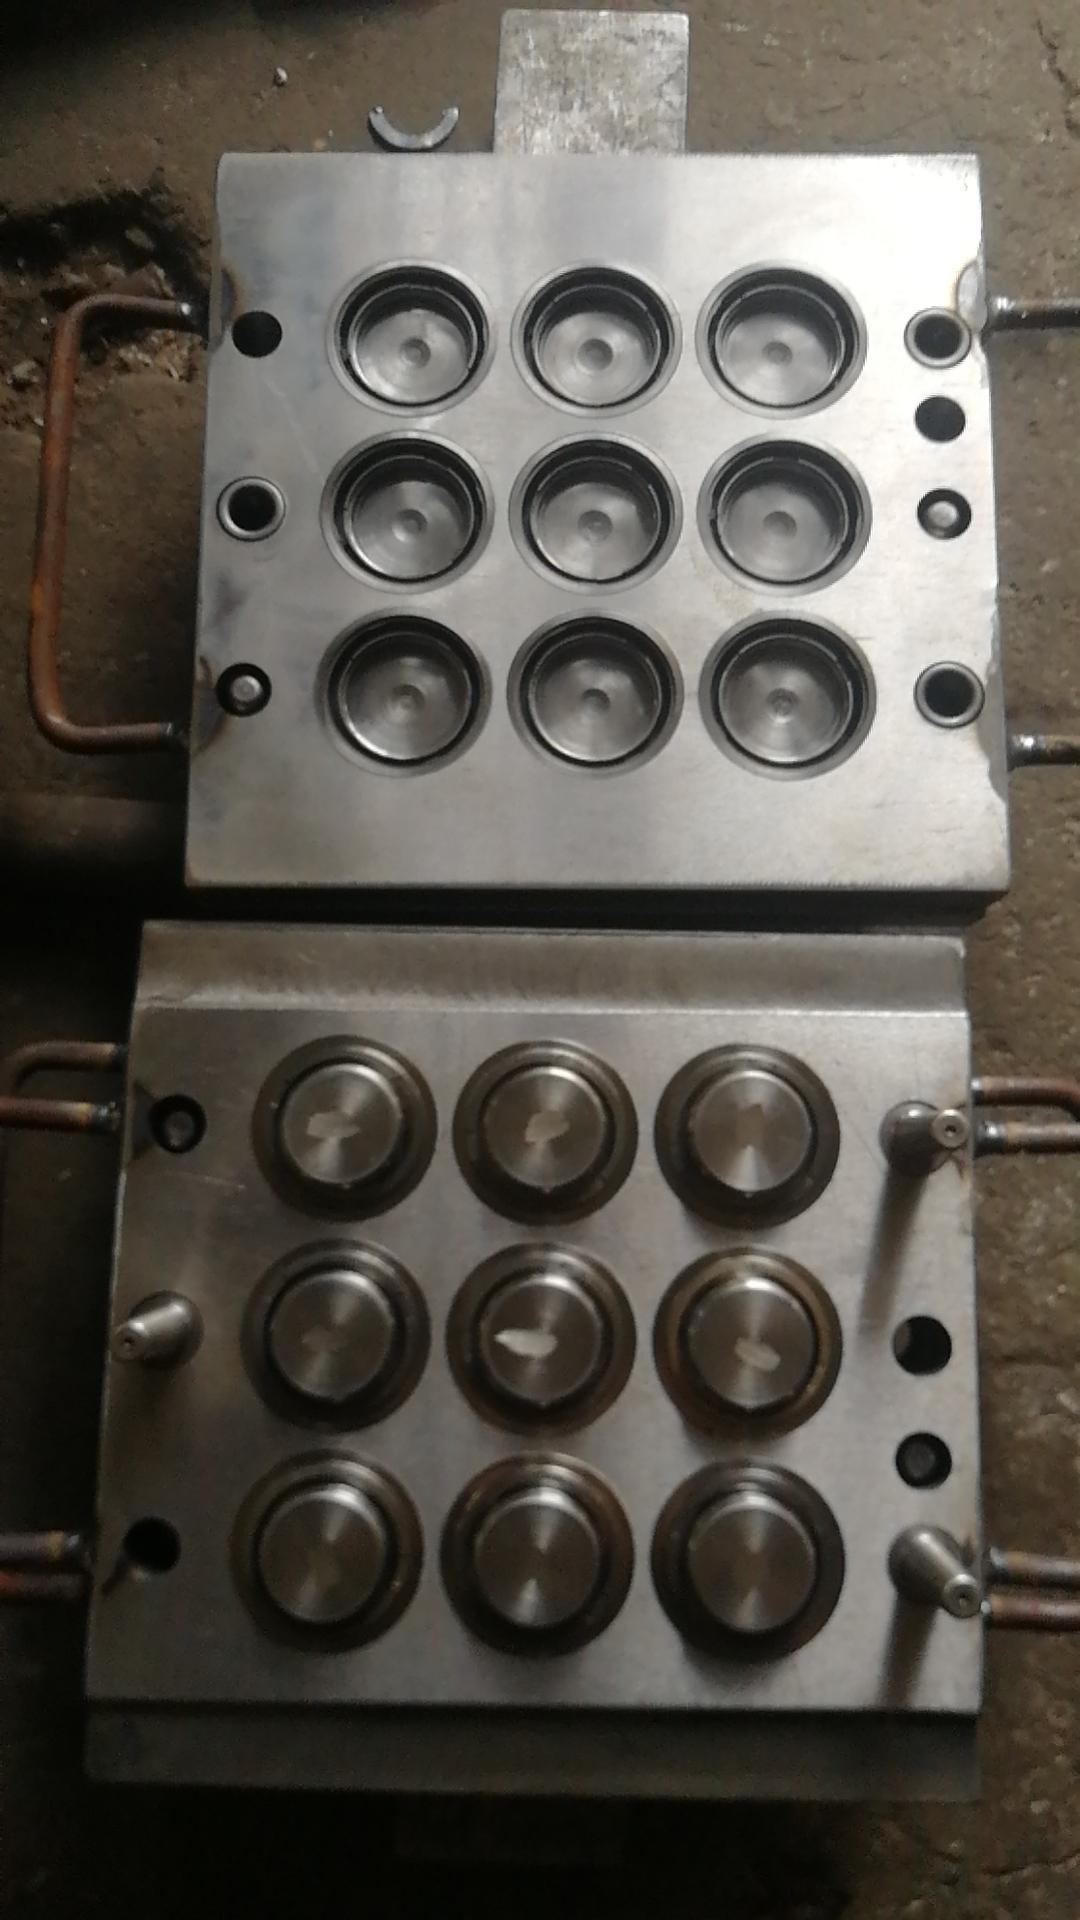 河北橡胶模具 模具报价  橡胶模具  油封模具  气门模具  组合垫模具